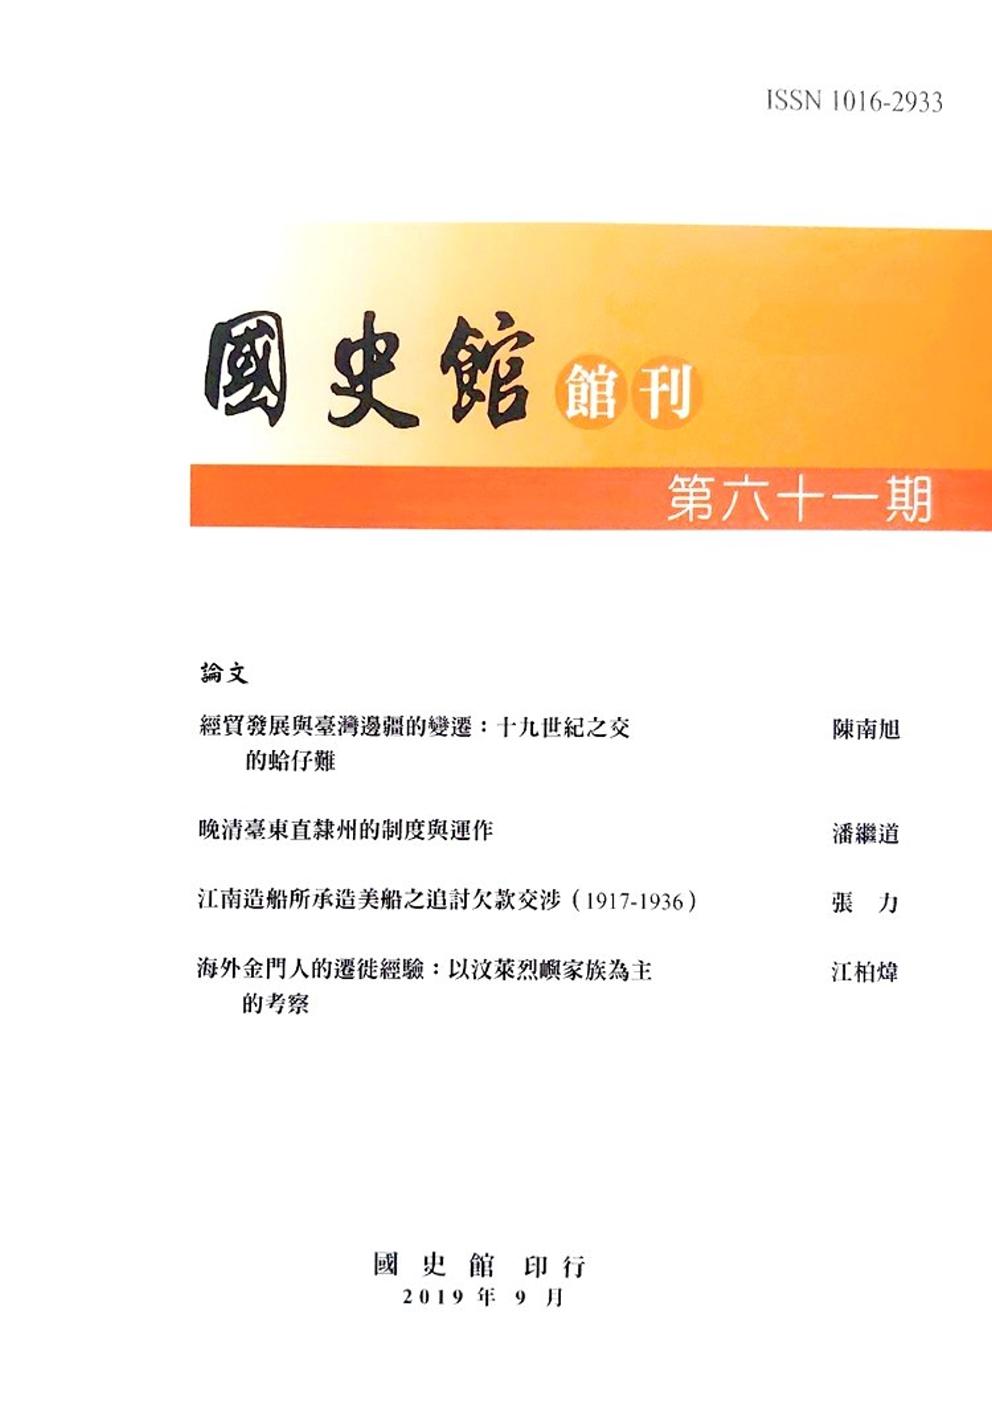 國史館館刊第61期(2019.09)